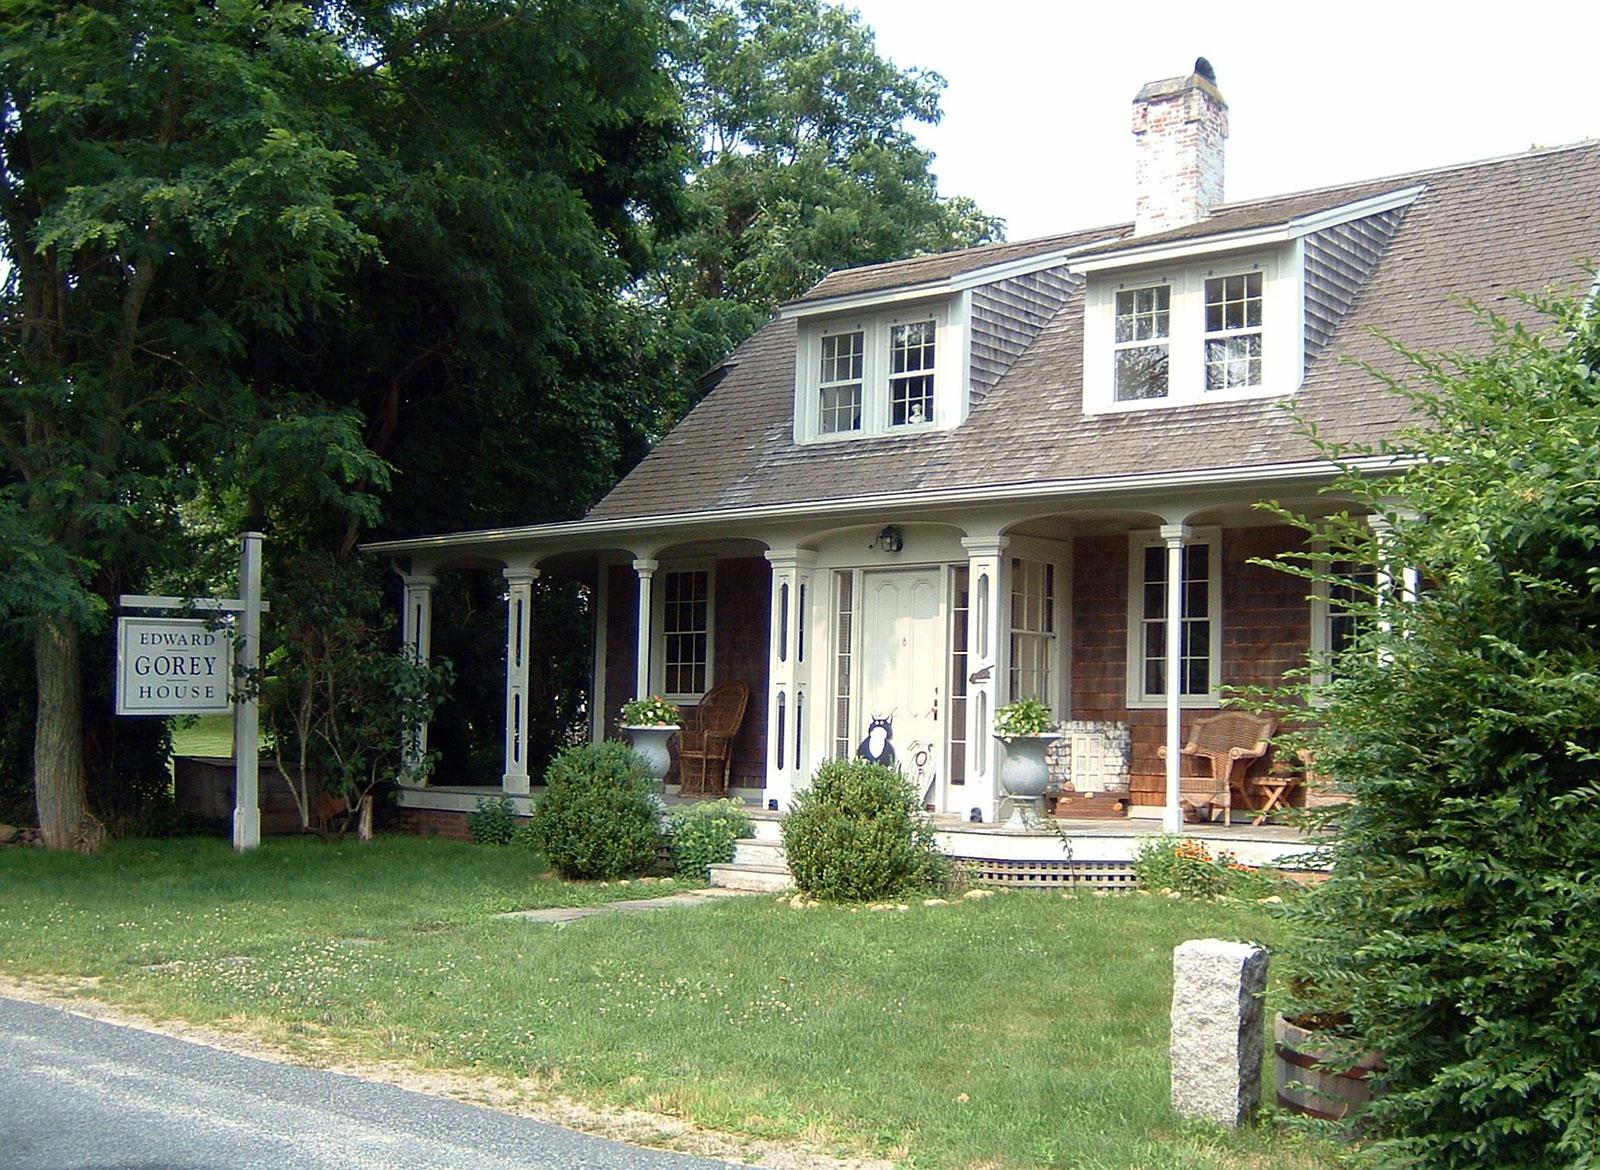 Edward Gorey House - a casa do escritor